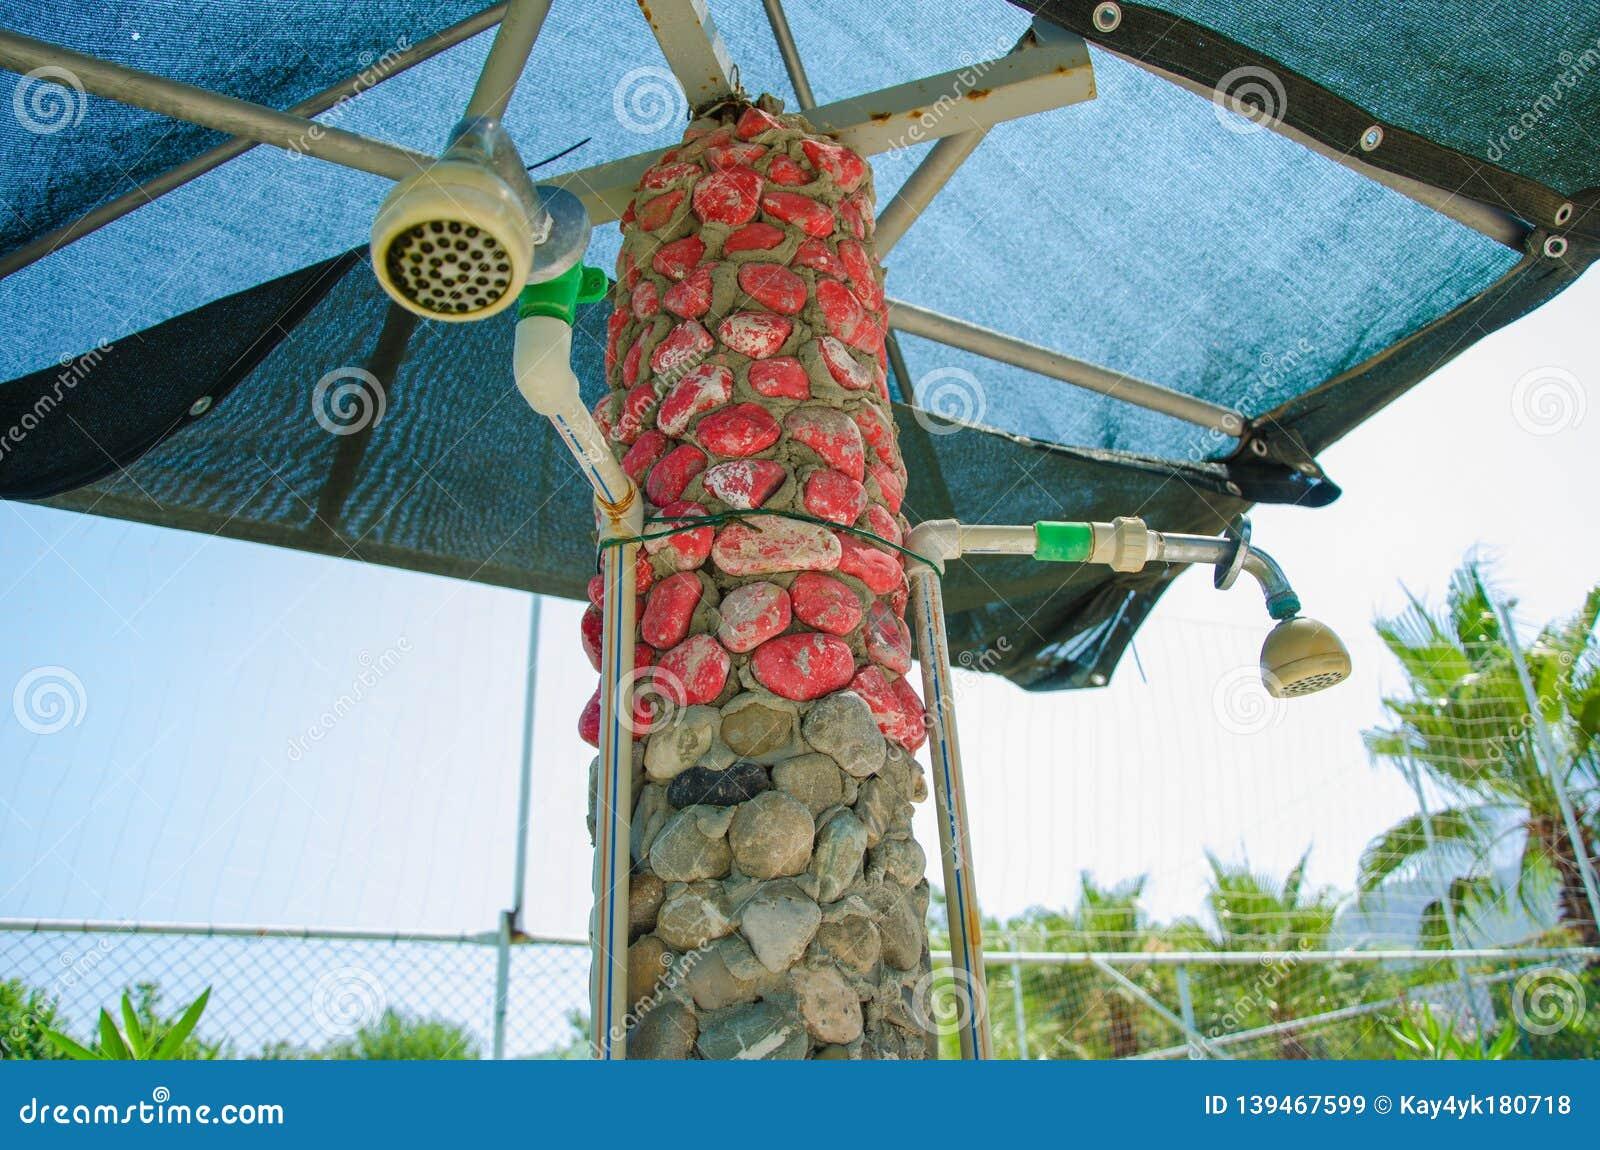 Ливень на улице красного камня под голубым зонтиком около пляжа